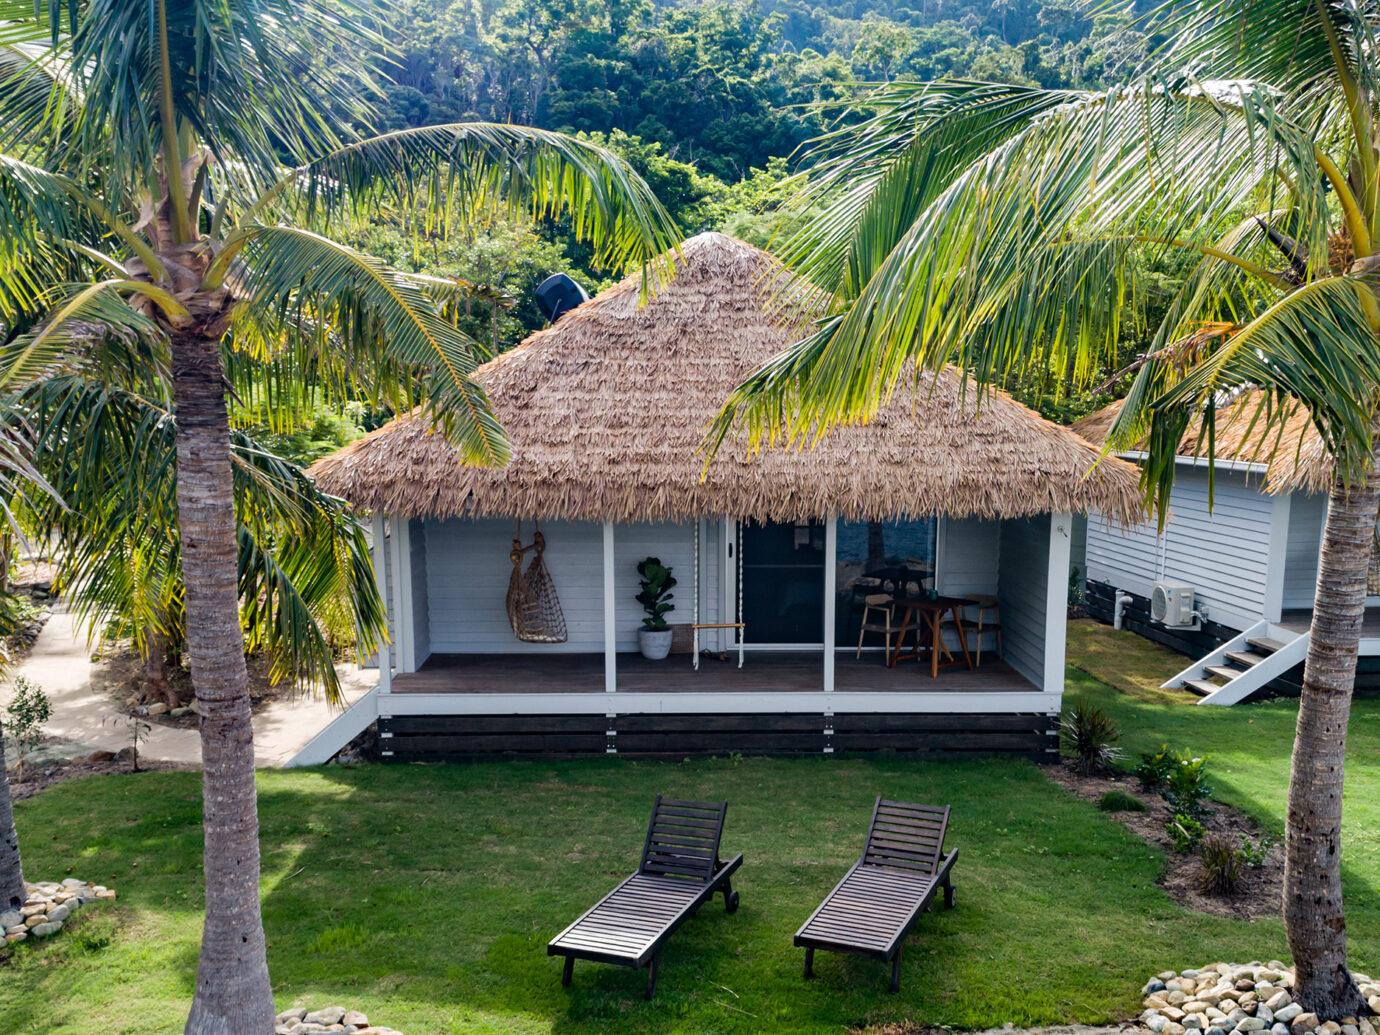 Villa exterior at Elysian Retreat